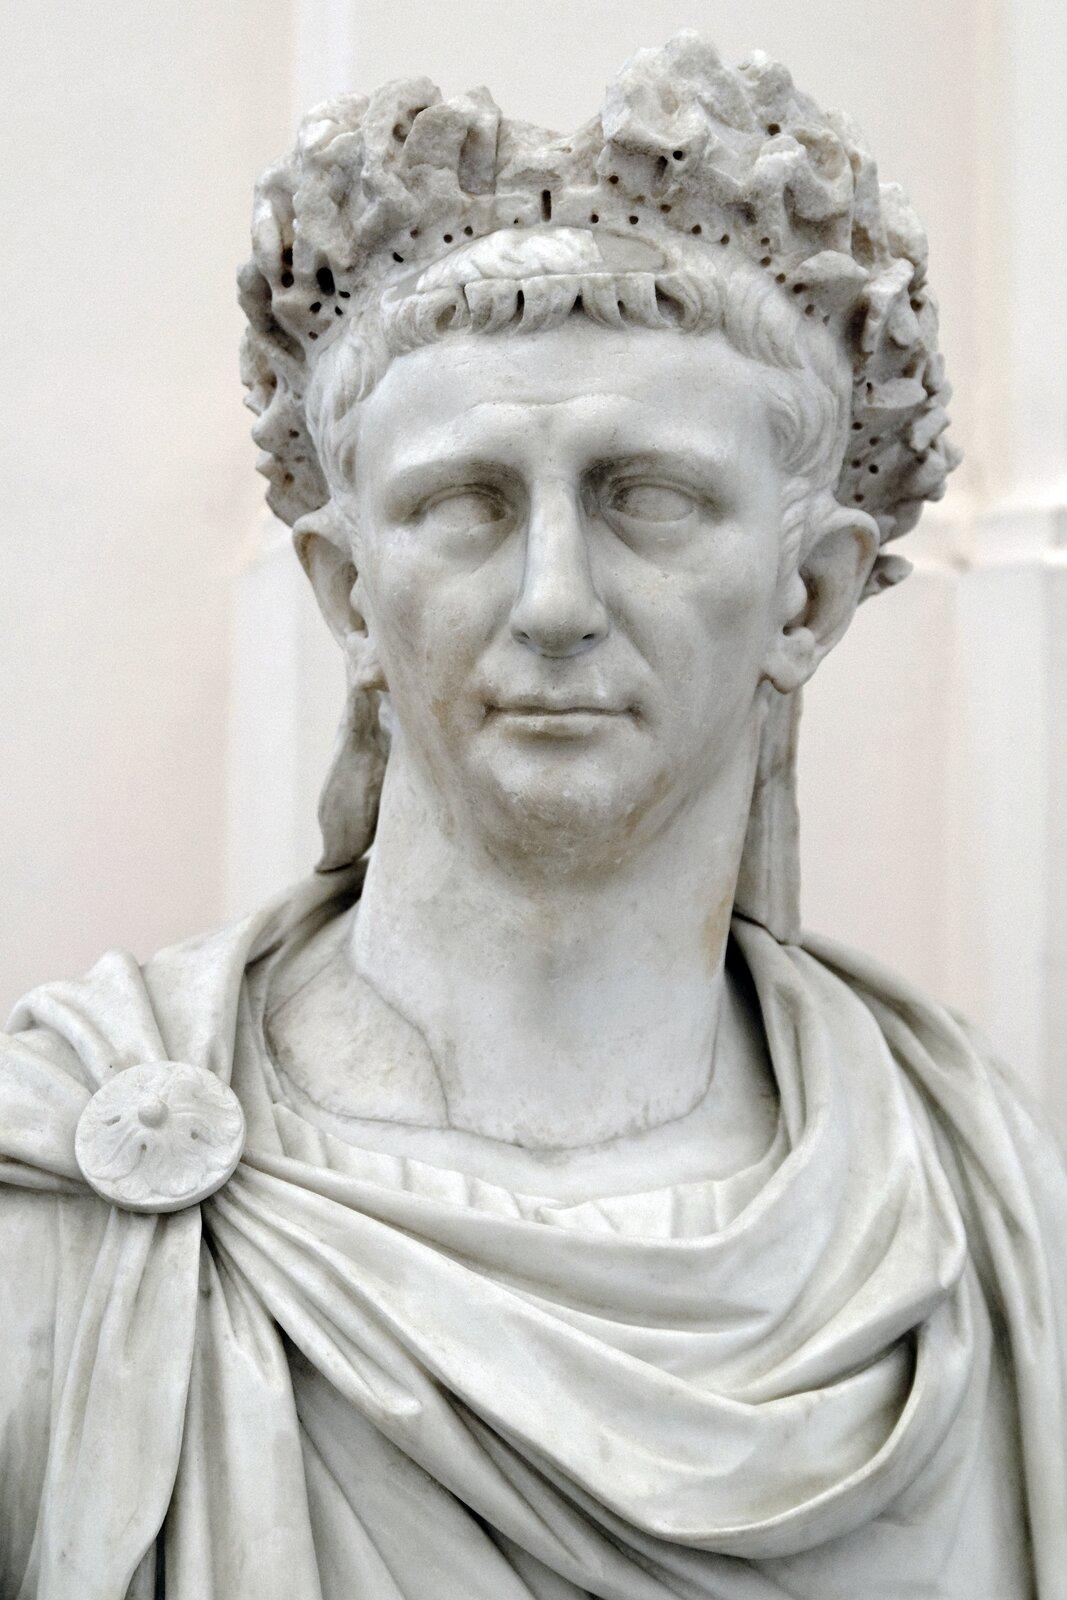 Ilustracja przedstawia marmurowe popiersie cesarza Klaudiusza. Ubrany jest wszatę spiętą na ramieniu klamrą. Ma małą głowę, lekko odstające uszy idość duży nos. Na głowie ma koronę